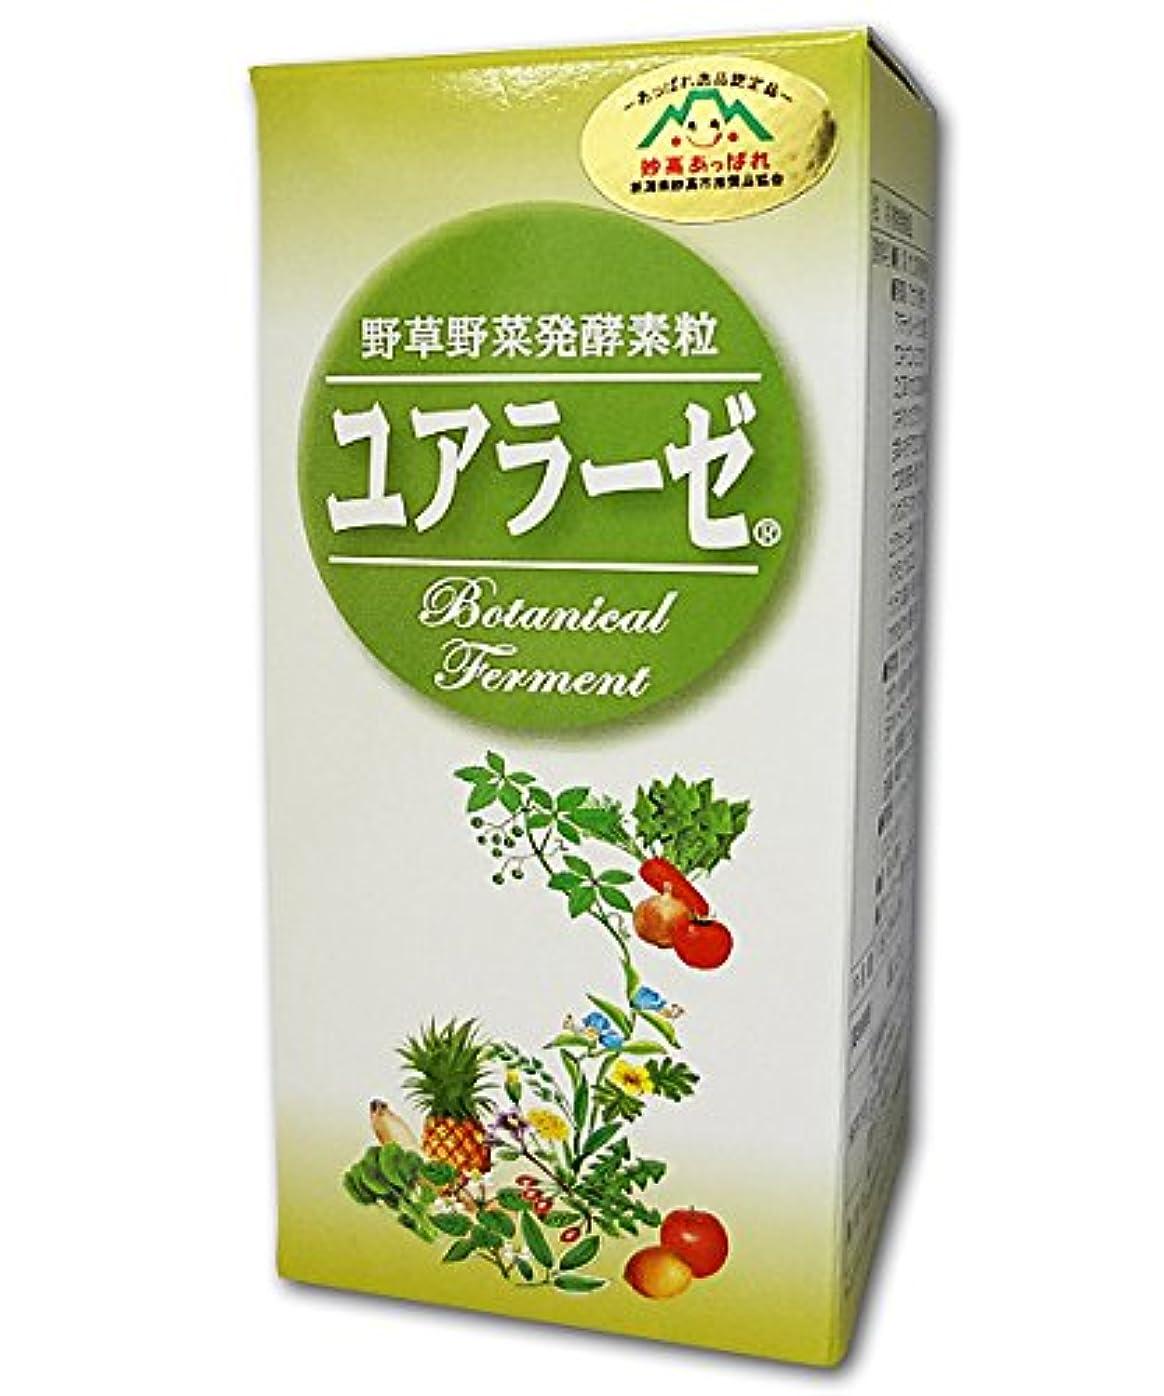 帆スリムお風呂ミヤトウ野草野草醗酵素粒 ユアラーゼ 450粒